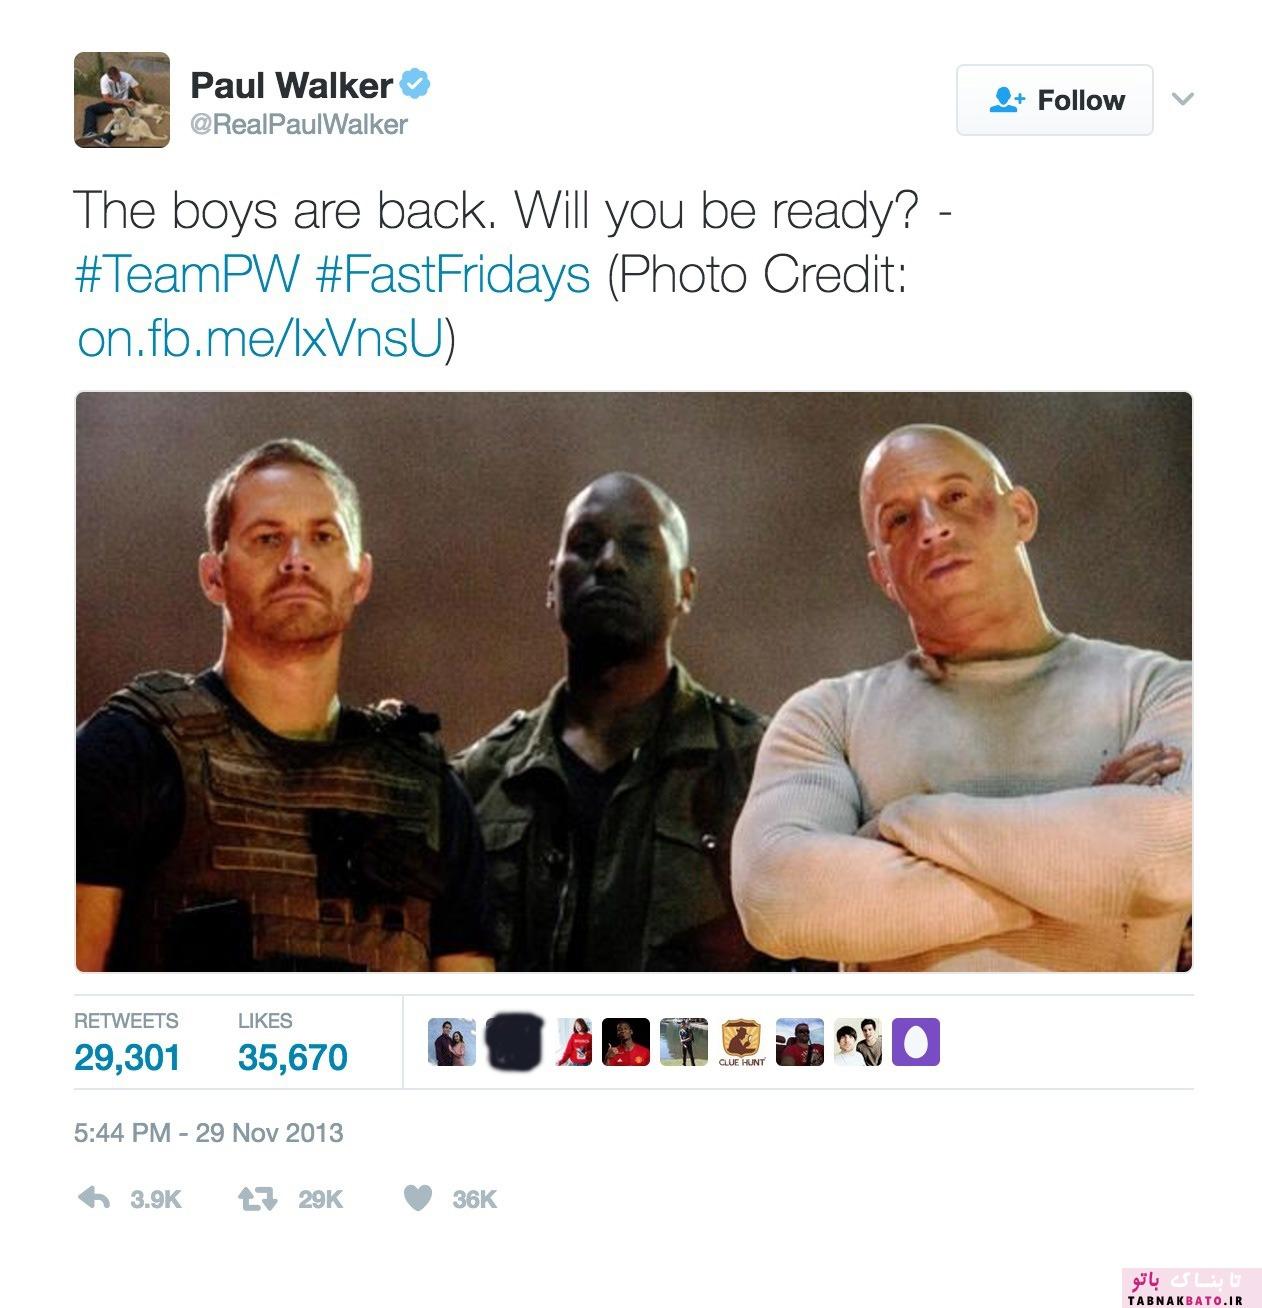 آخرین توئیت های سلبریتی های مشهور پیش از مرگ